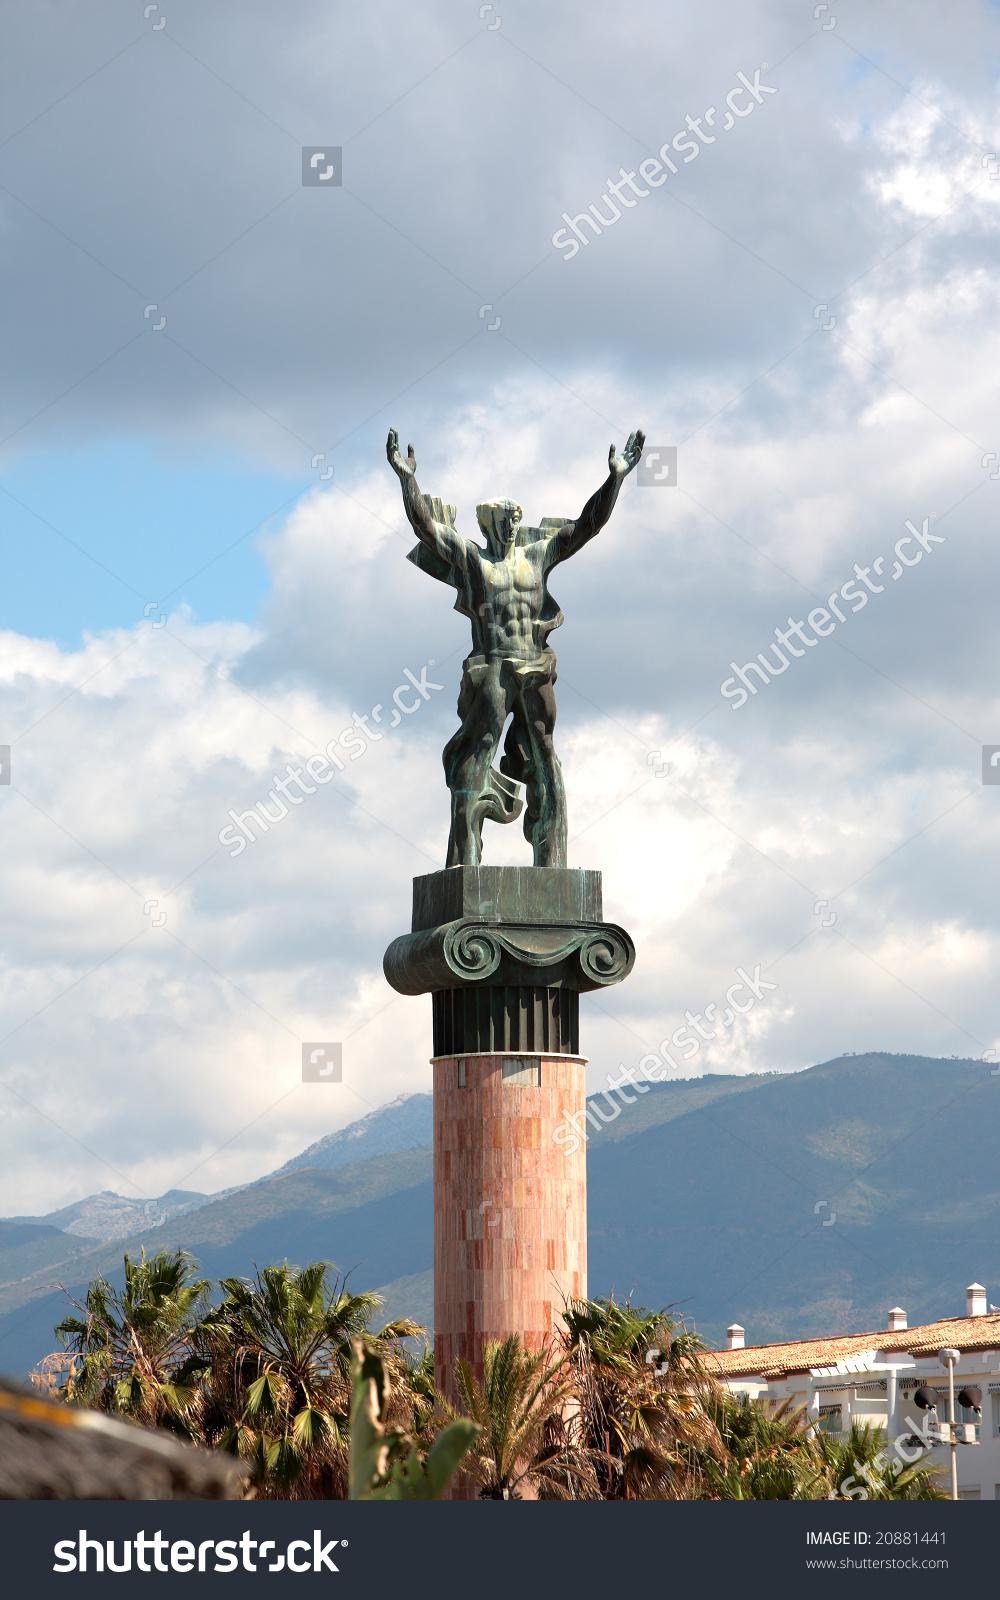 Statue La Victoria Victory By Georgian Stock Photo 20881441.